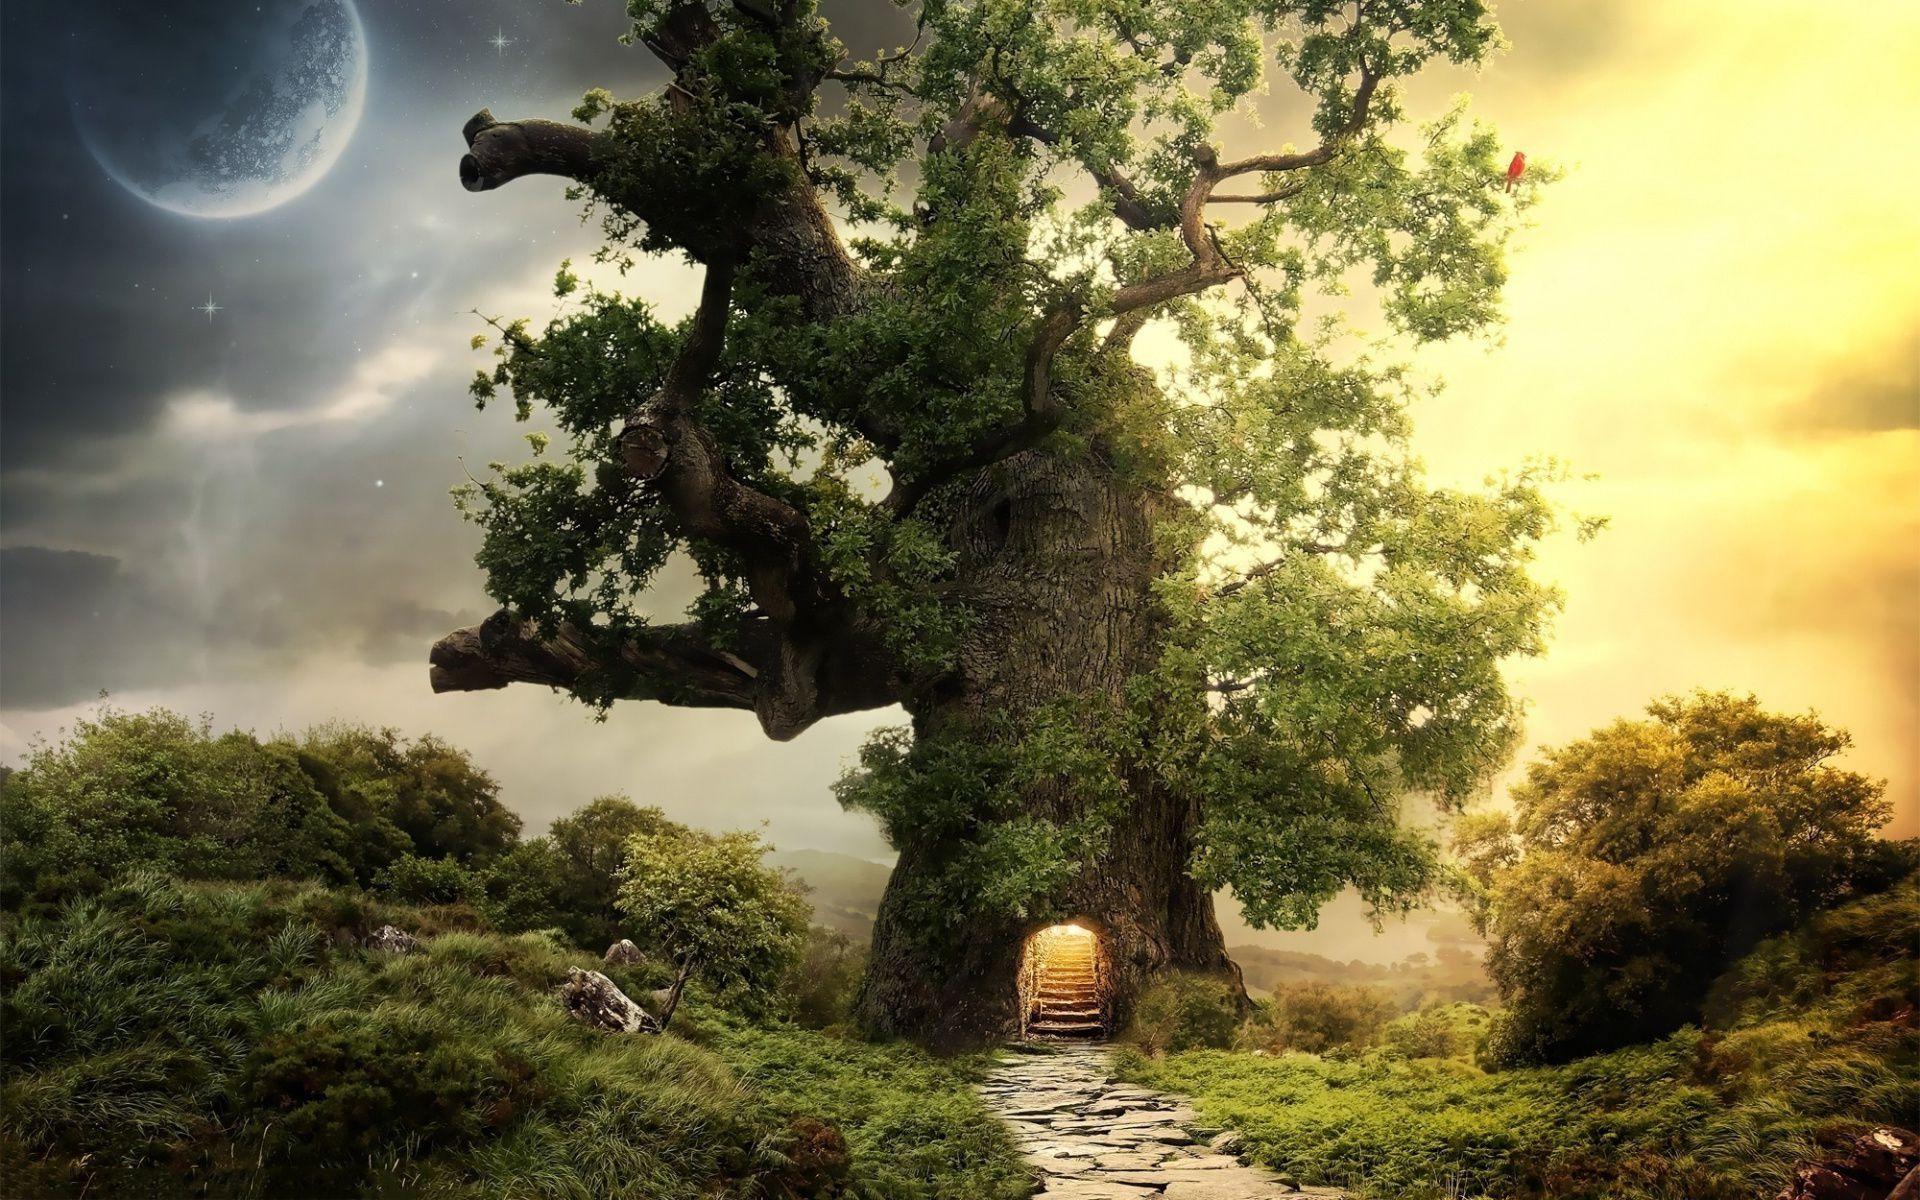 fantasy tree - Buscar con Google